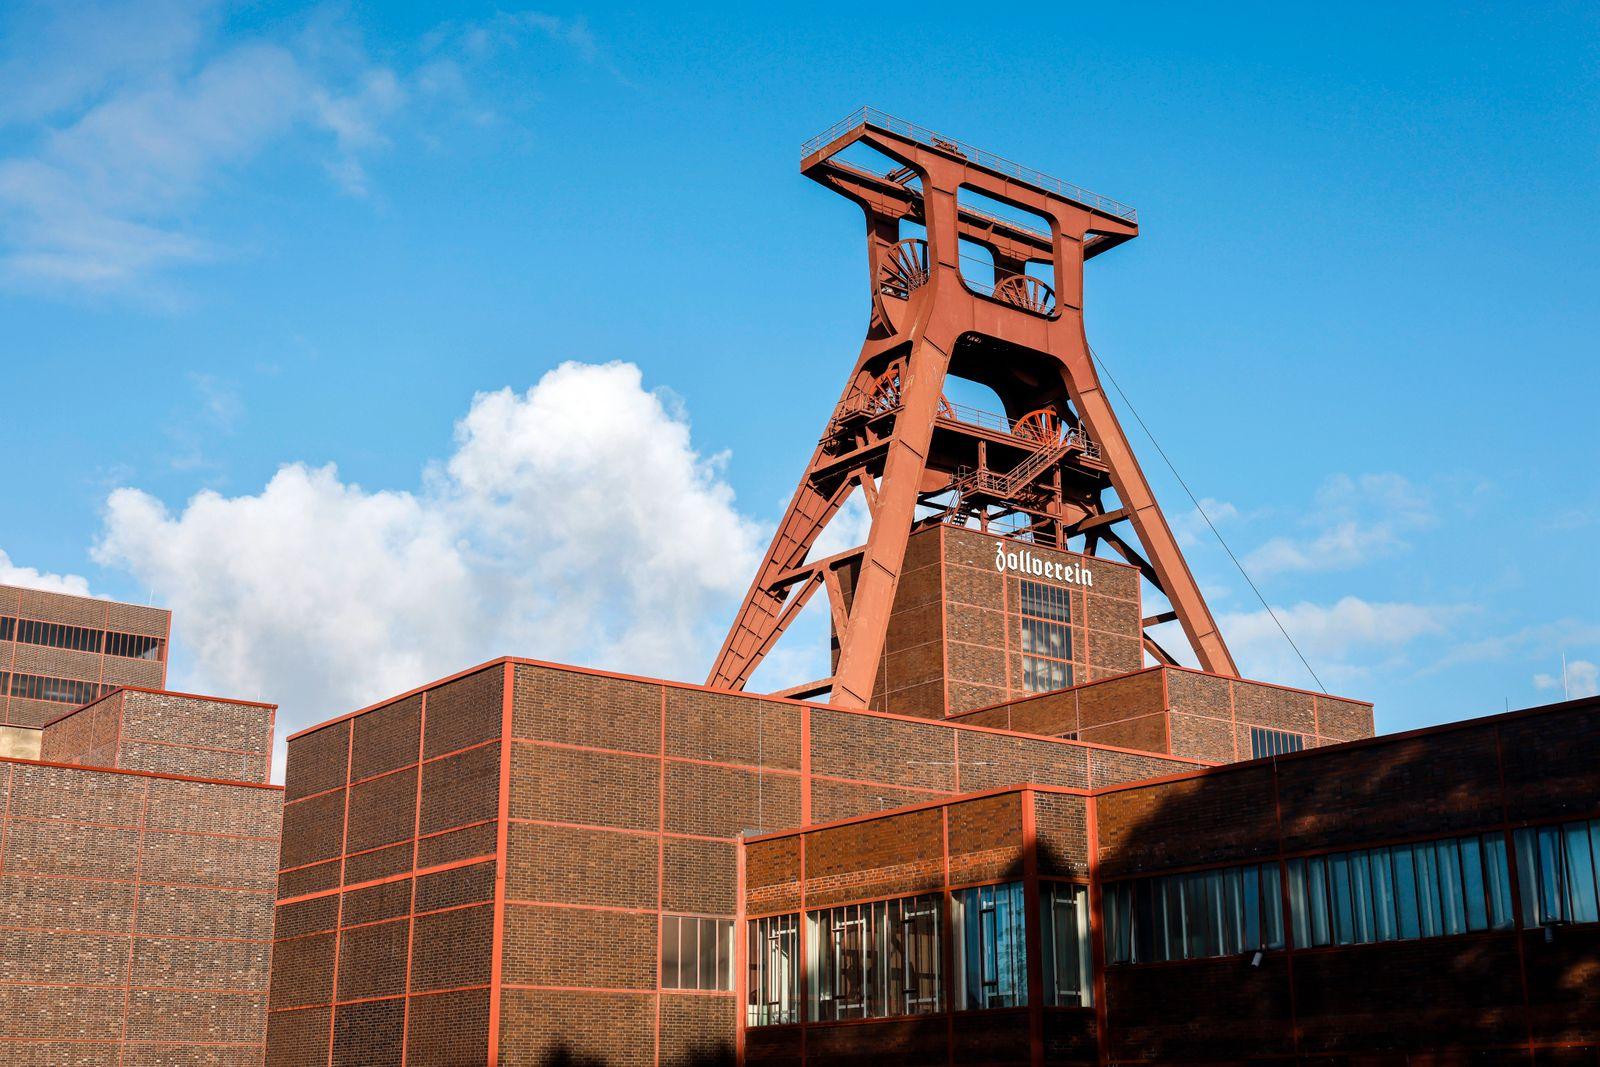 Essen, Ruhrgebiet, Nordrhein-Westfalen, Deutschland - Zeche Zollverein, UNESCO Welterbe Zollverein, Foerderturm. Essen N